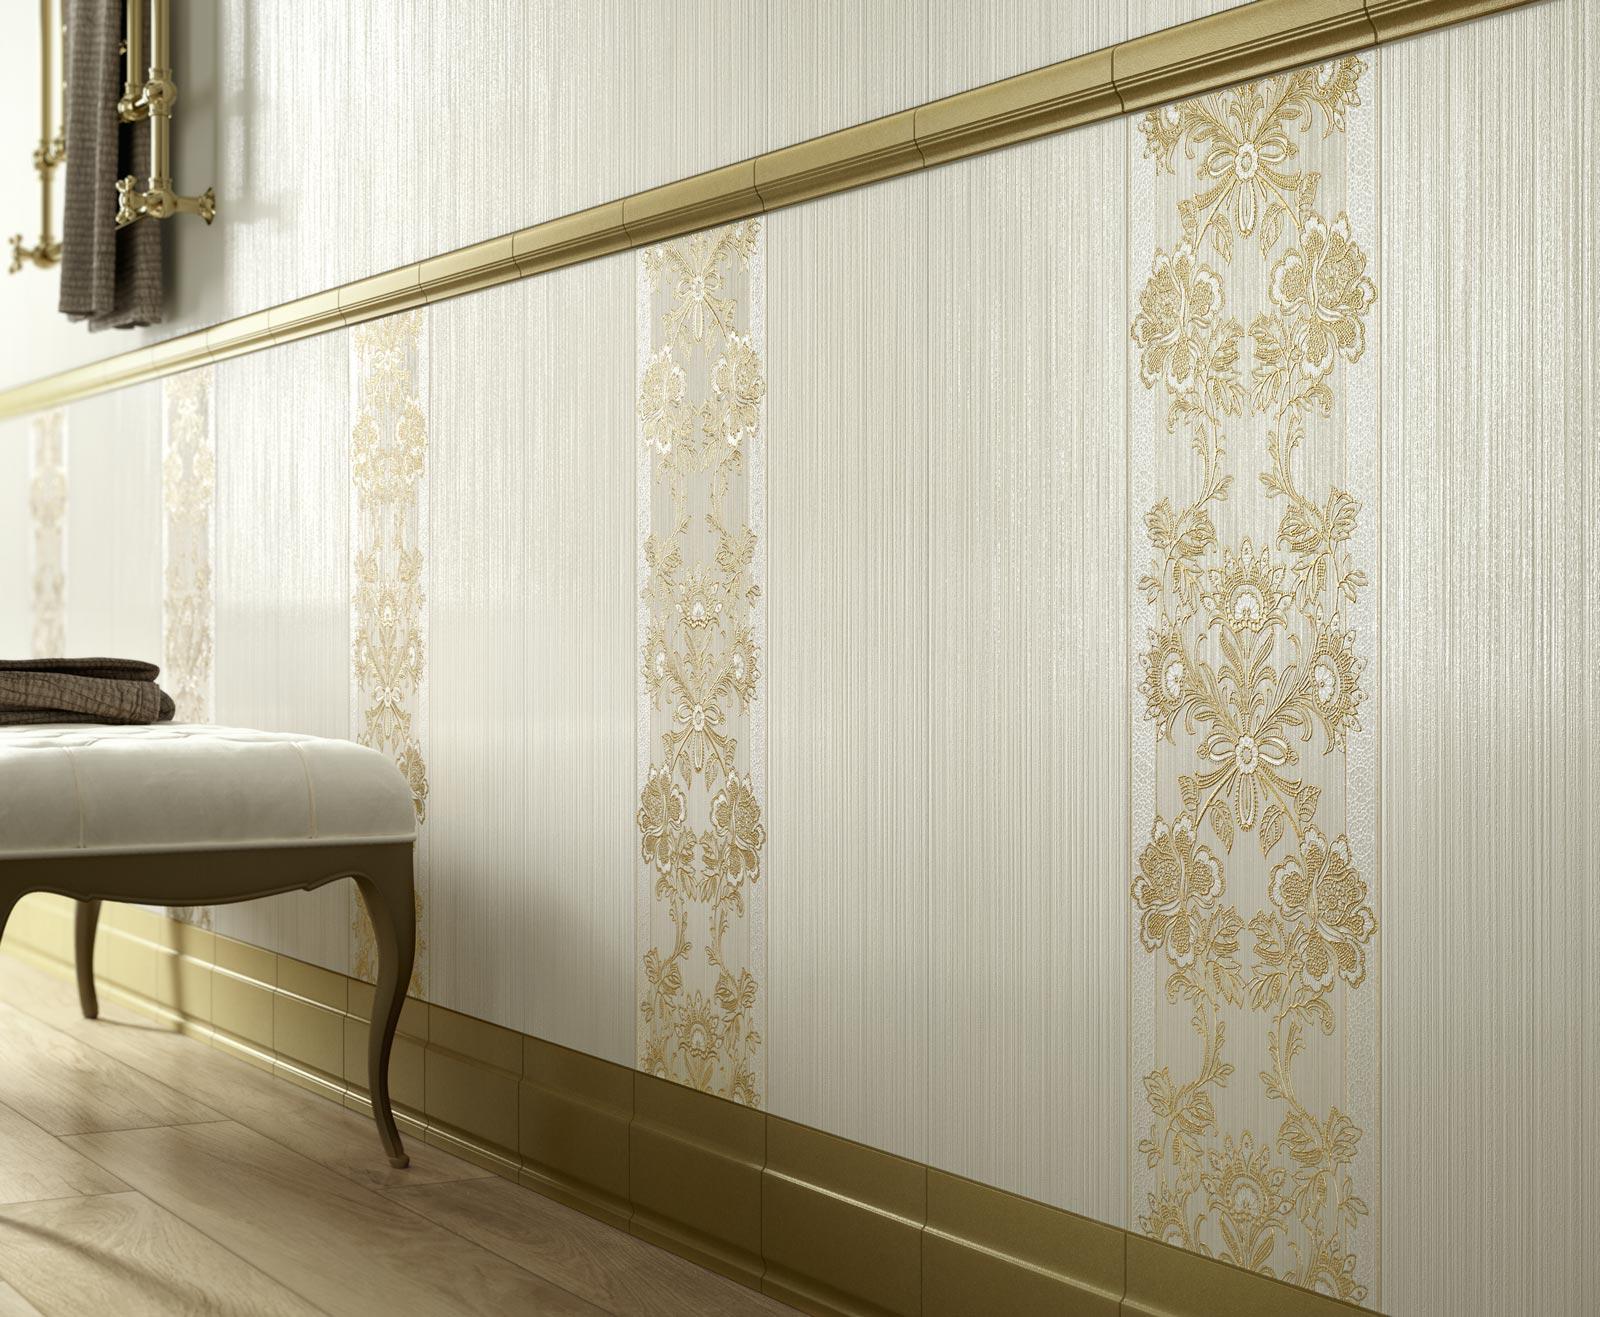 Bagno classico piastrelle finest bagno dallo stile classico con